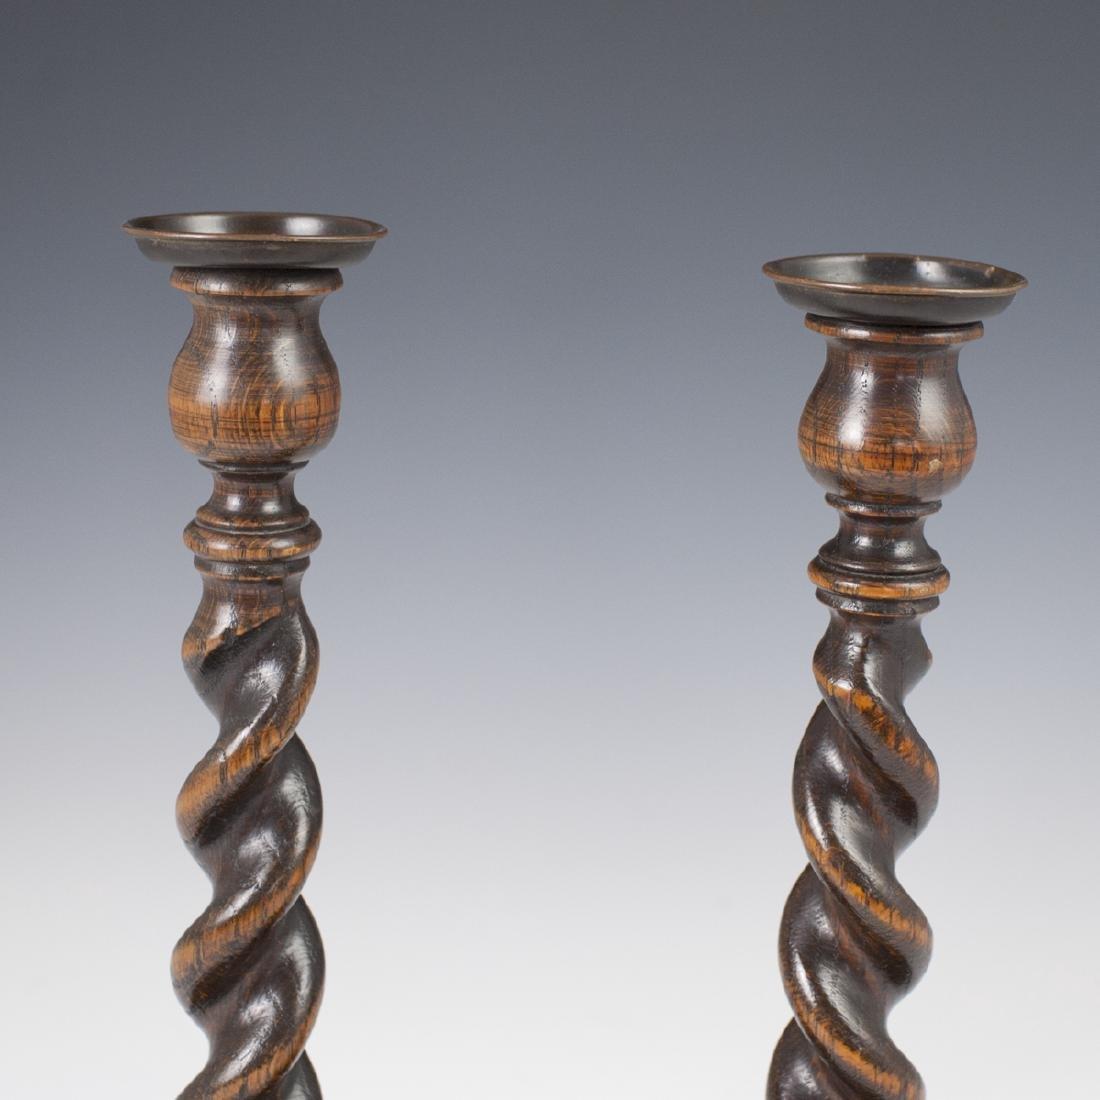 Vintage Wooden Candlesticks - 2